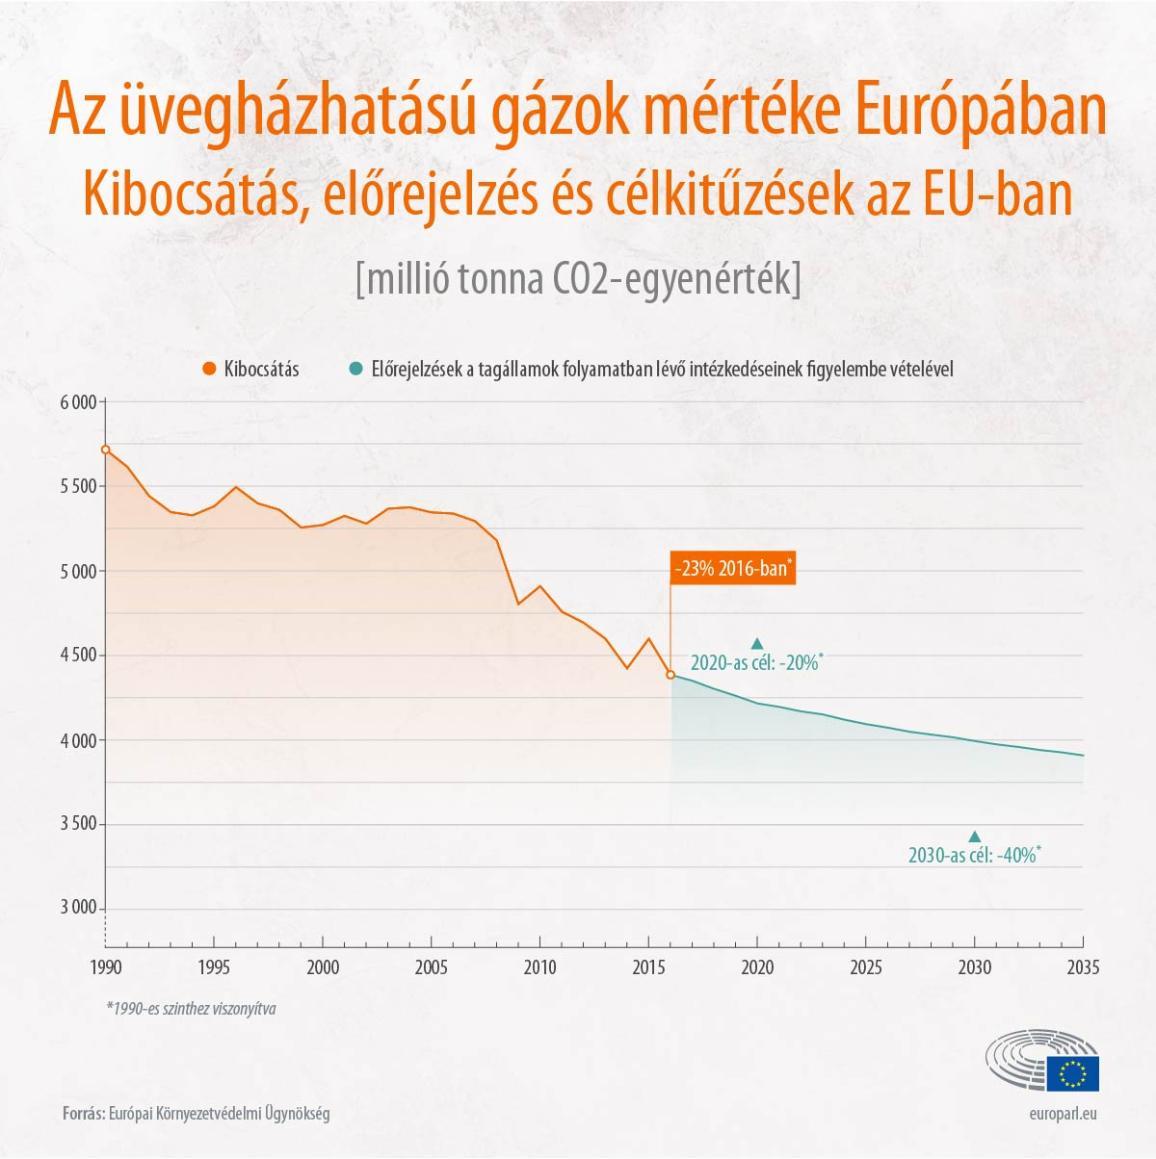 EU klímacélok